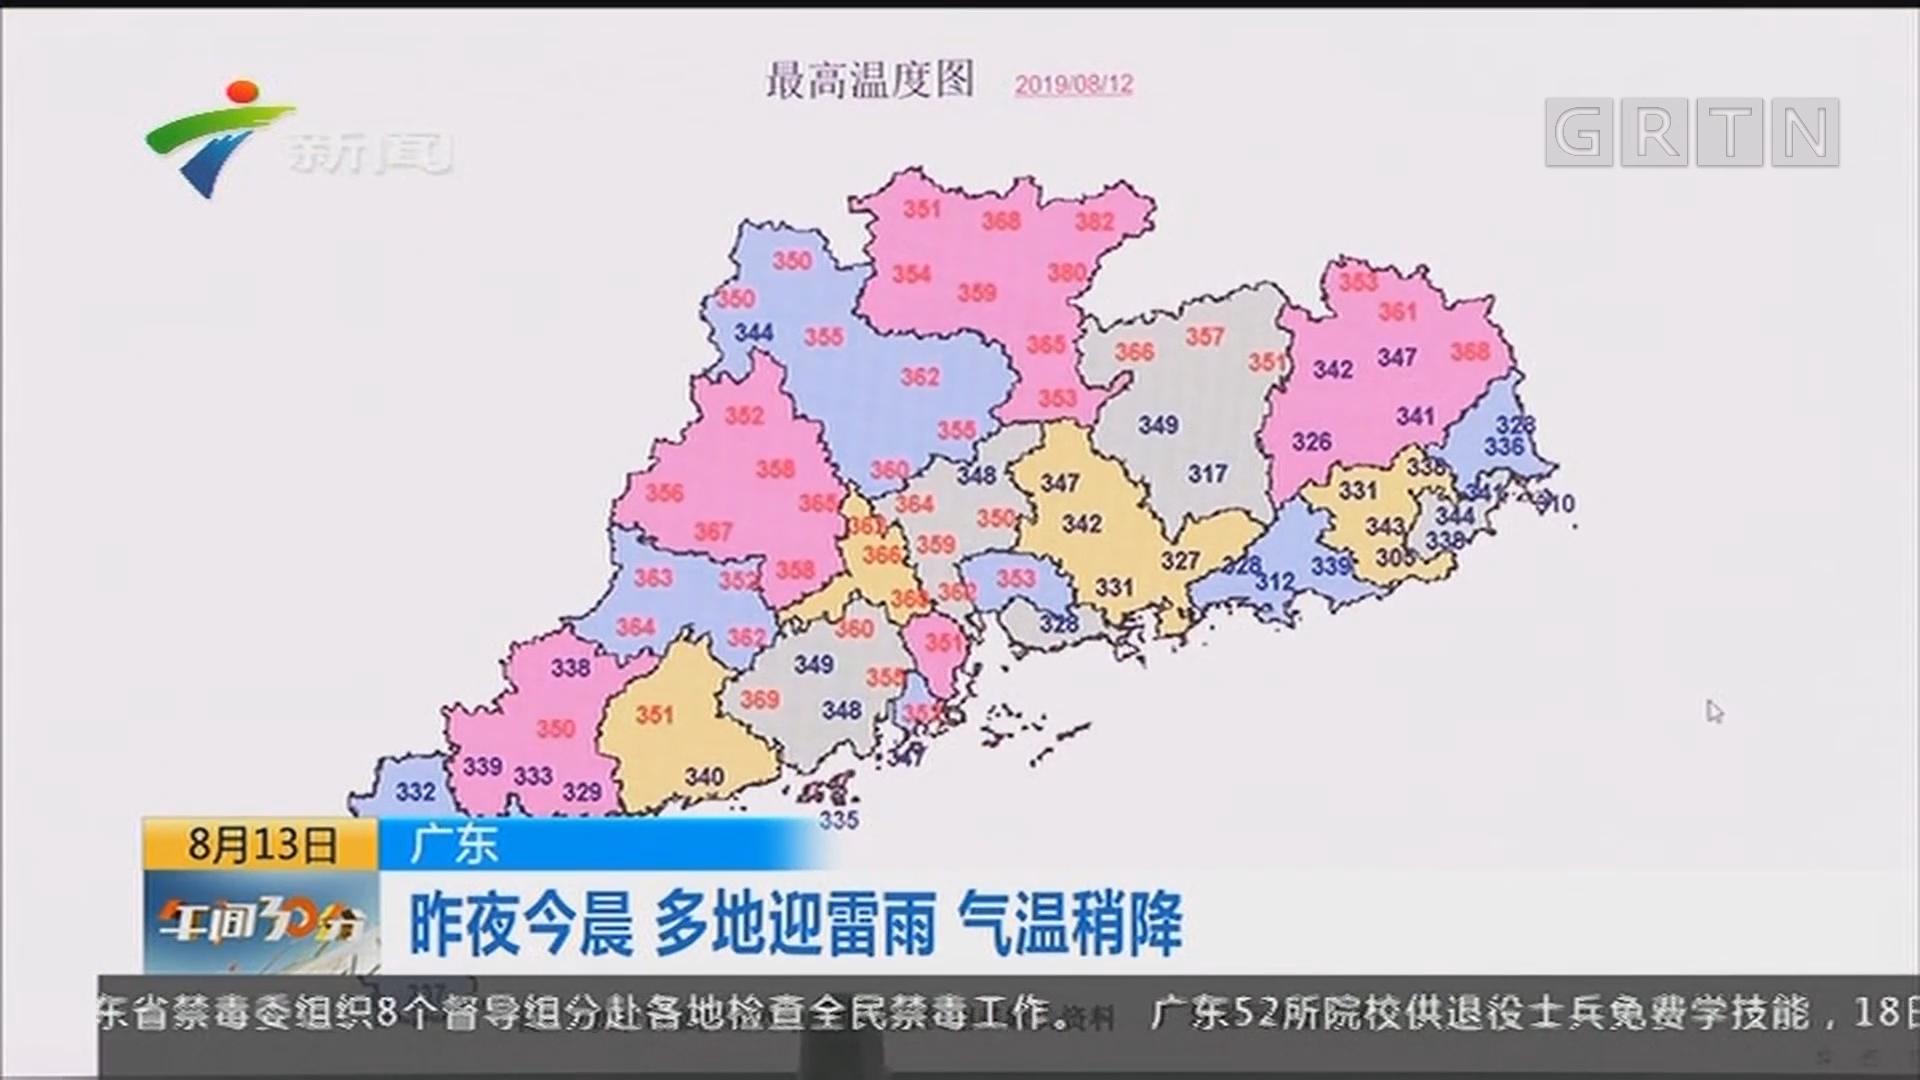 广东:昨夜今晨 多地迎雷雨 气温稍降